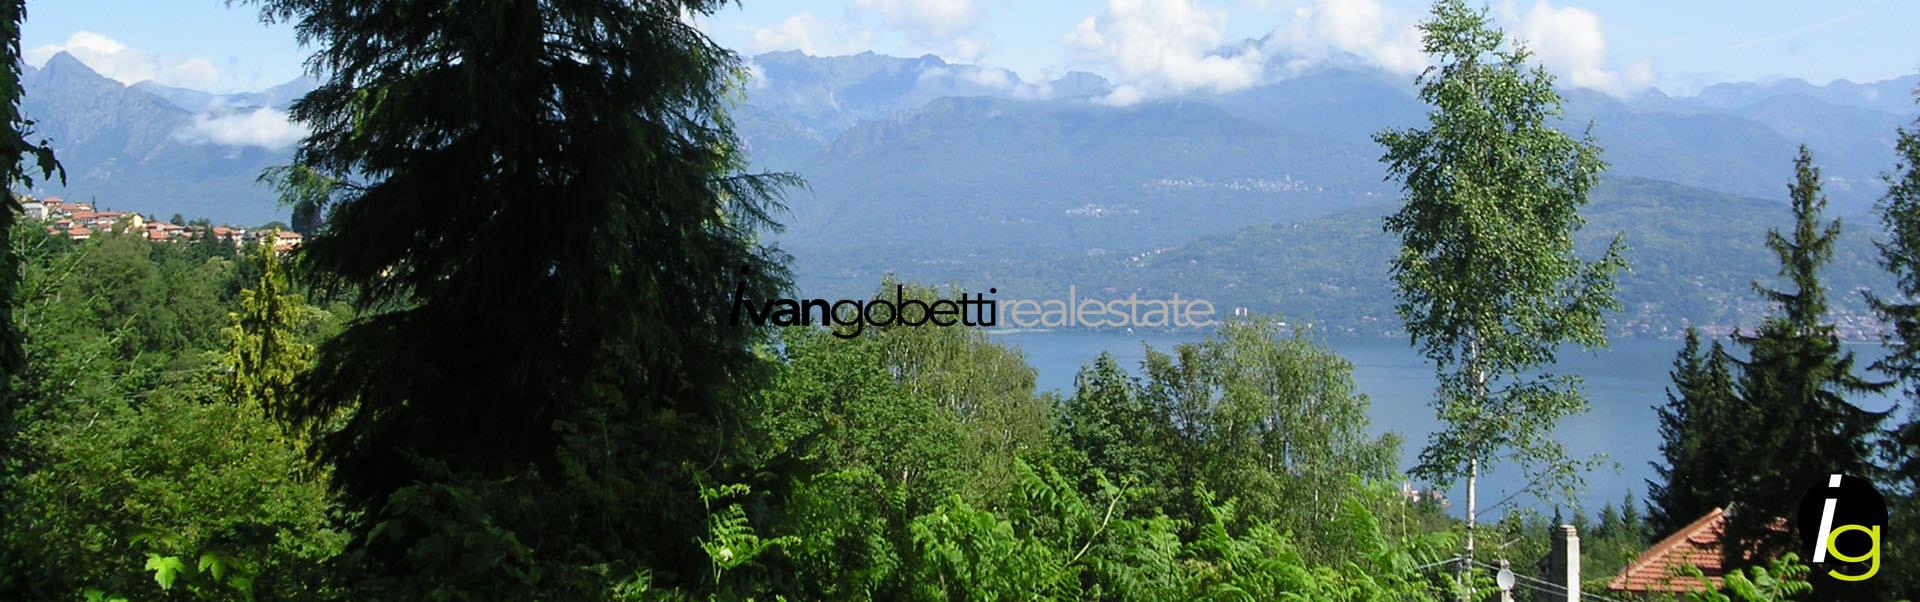 Vendesi sul Lago Maggiore area edificabile